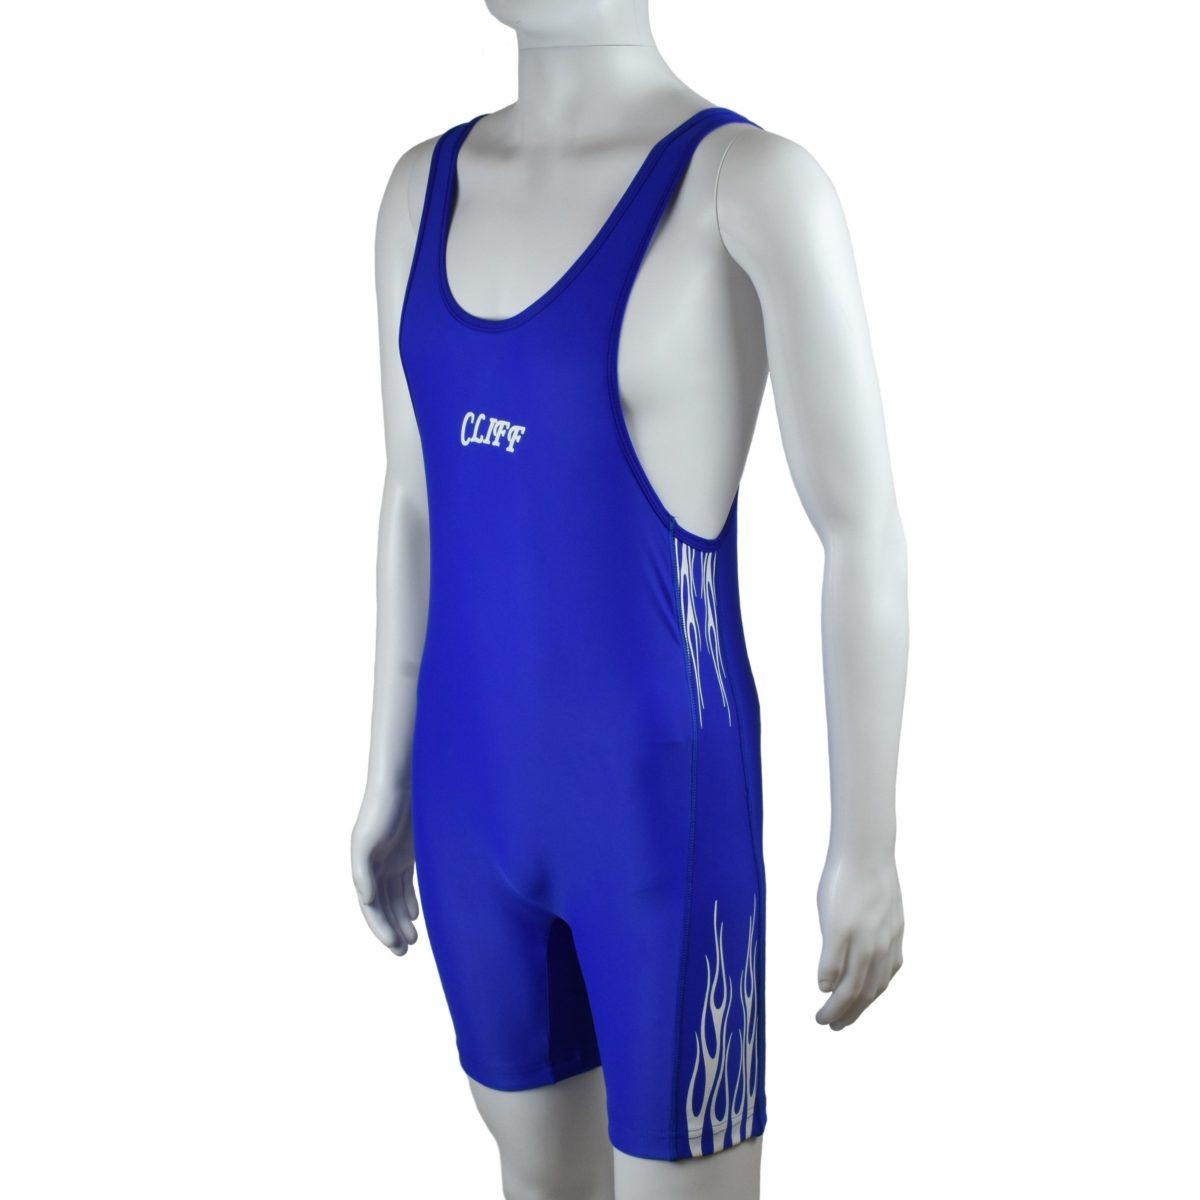 CLIFF Трико борцовское  236: синий - 1